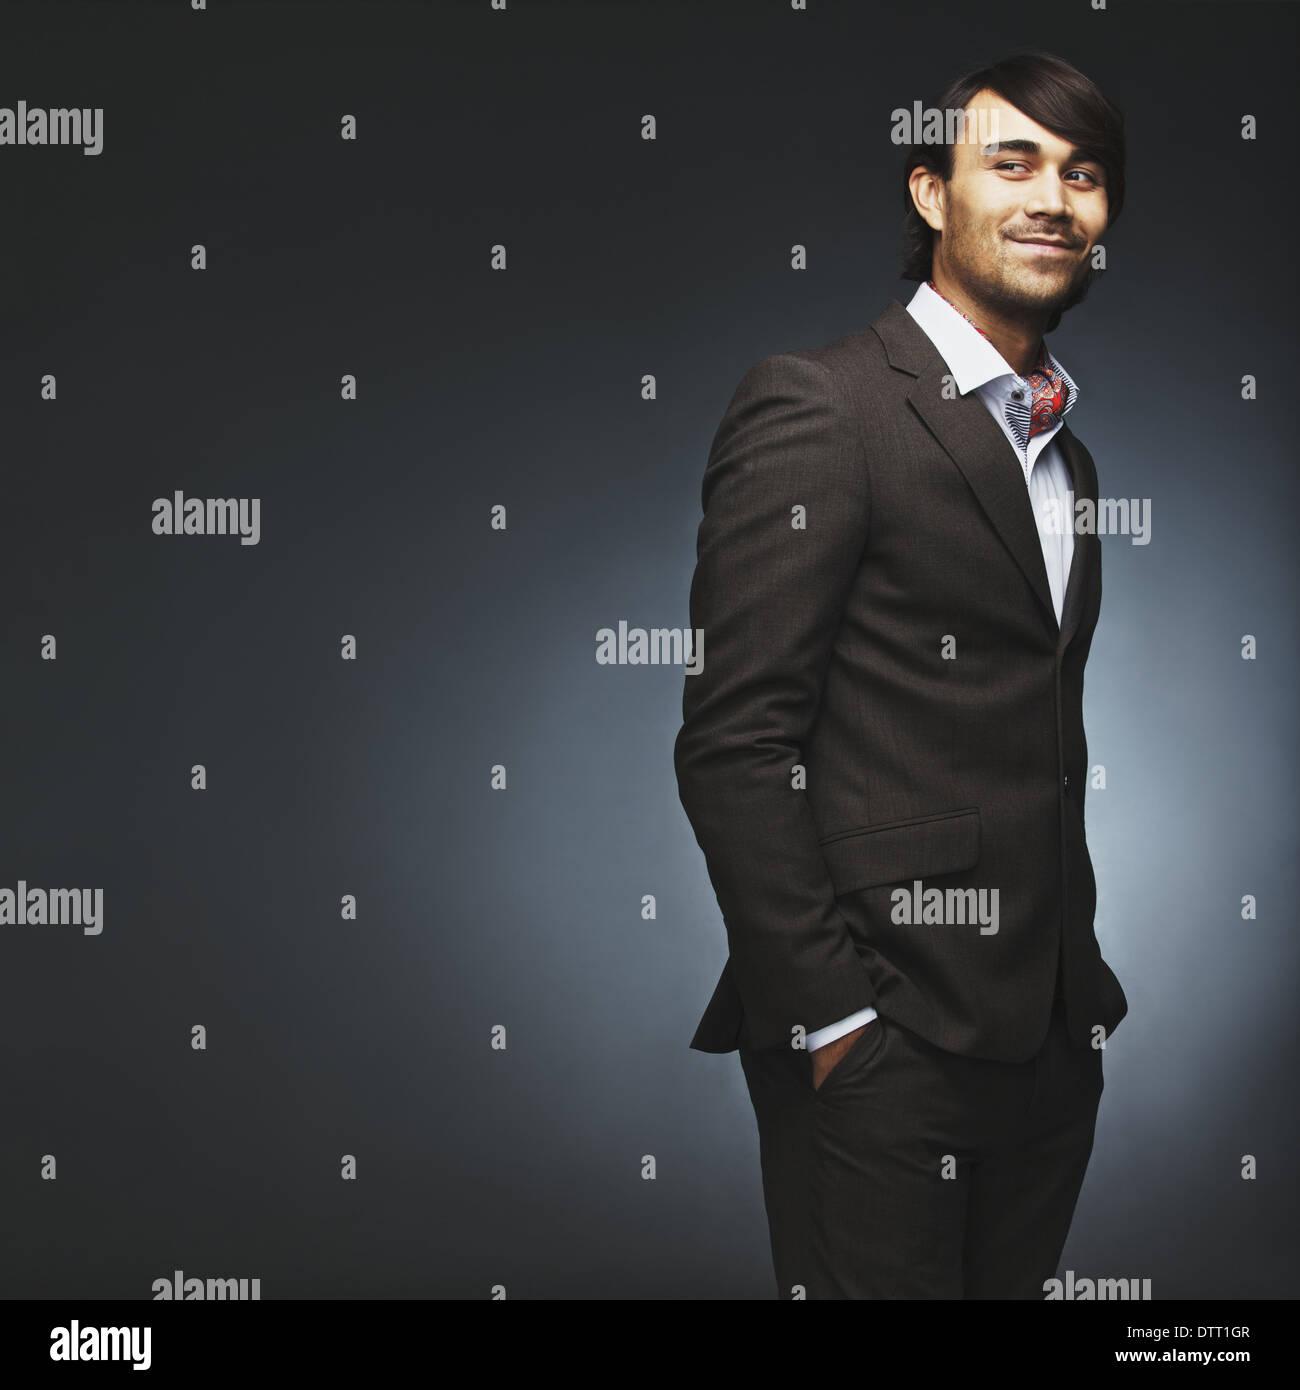 Joven atractivo llevar traje de pie con sus manos en el bolsillo mirando por encima del hombro. Guapo modelo moda masculina posando. Imagen De Stock